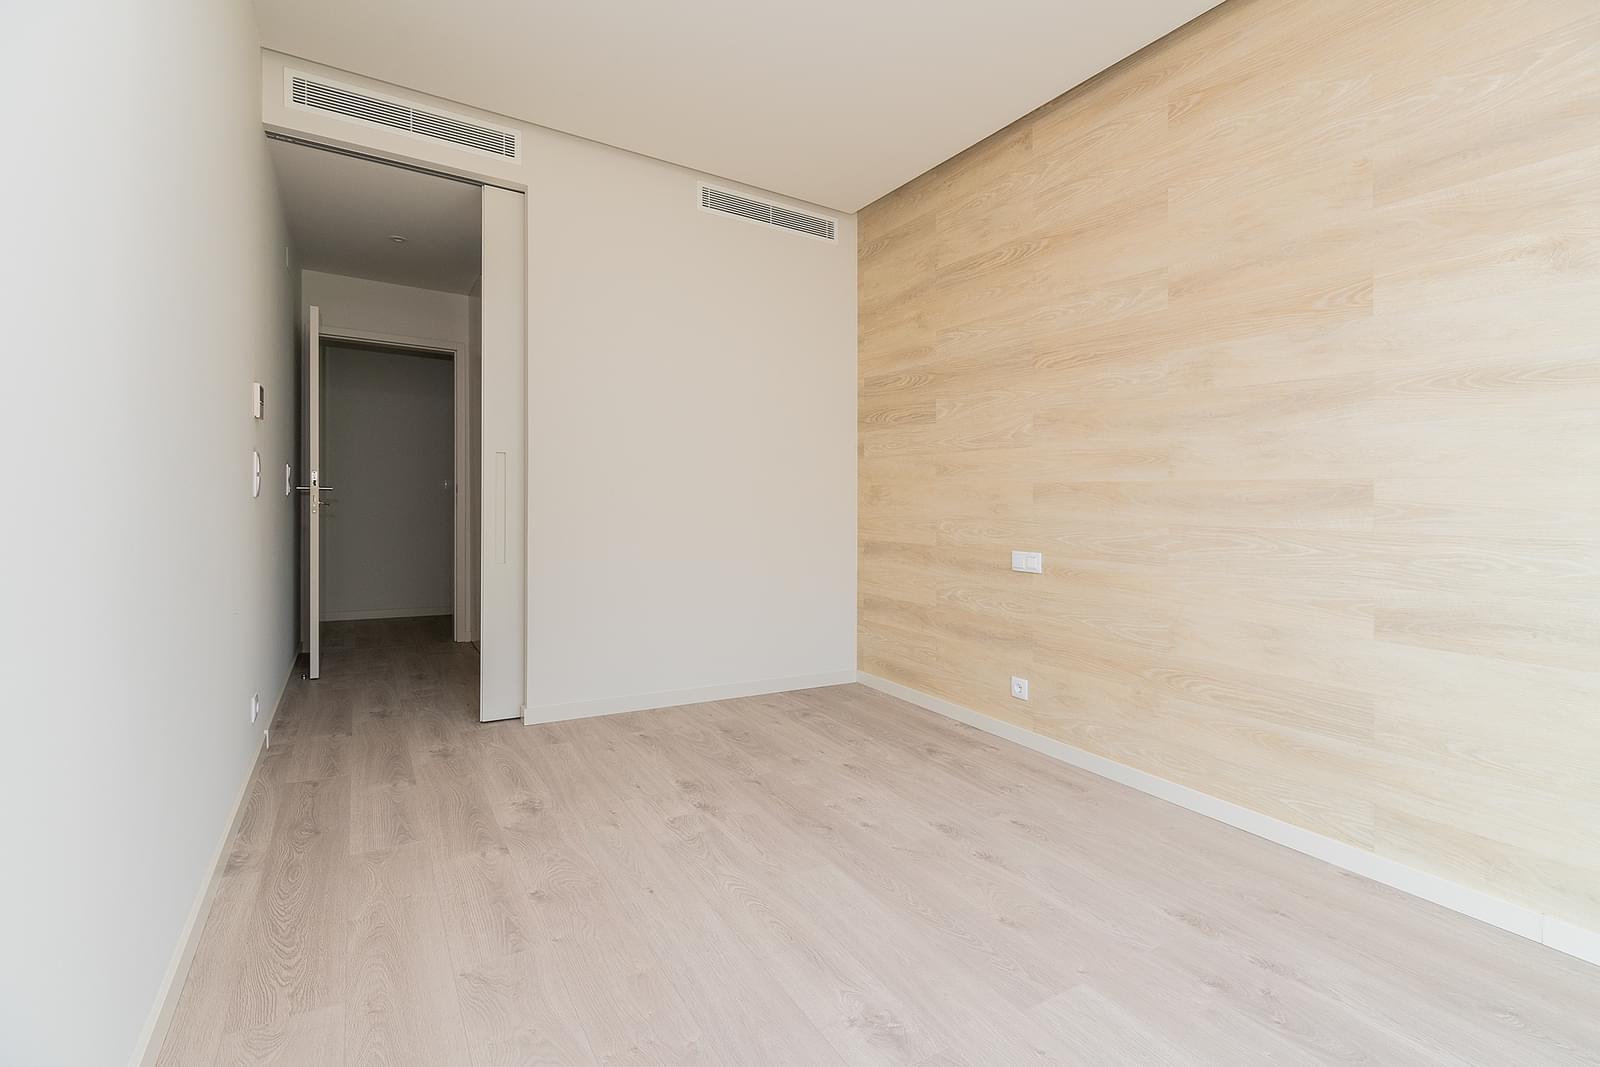 pf18308-apartamento-t2-lisboa-4c688e00-2766-48a1-804e-366736c5a6c2